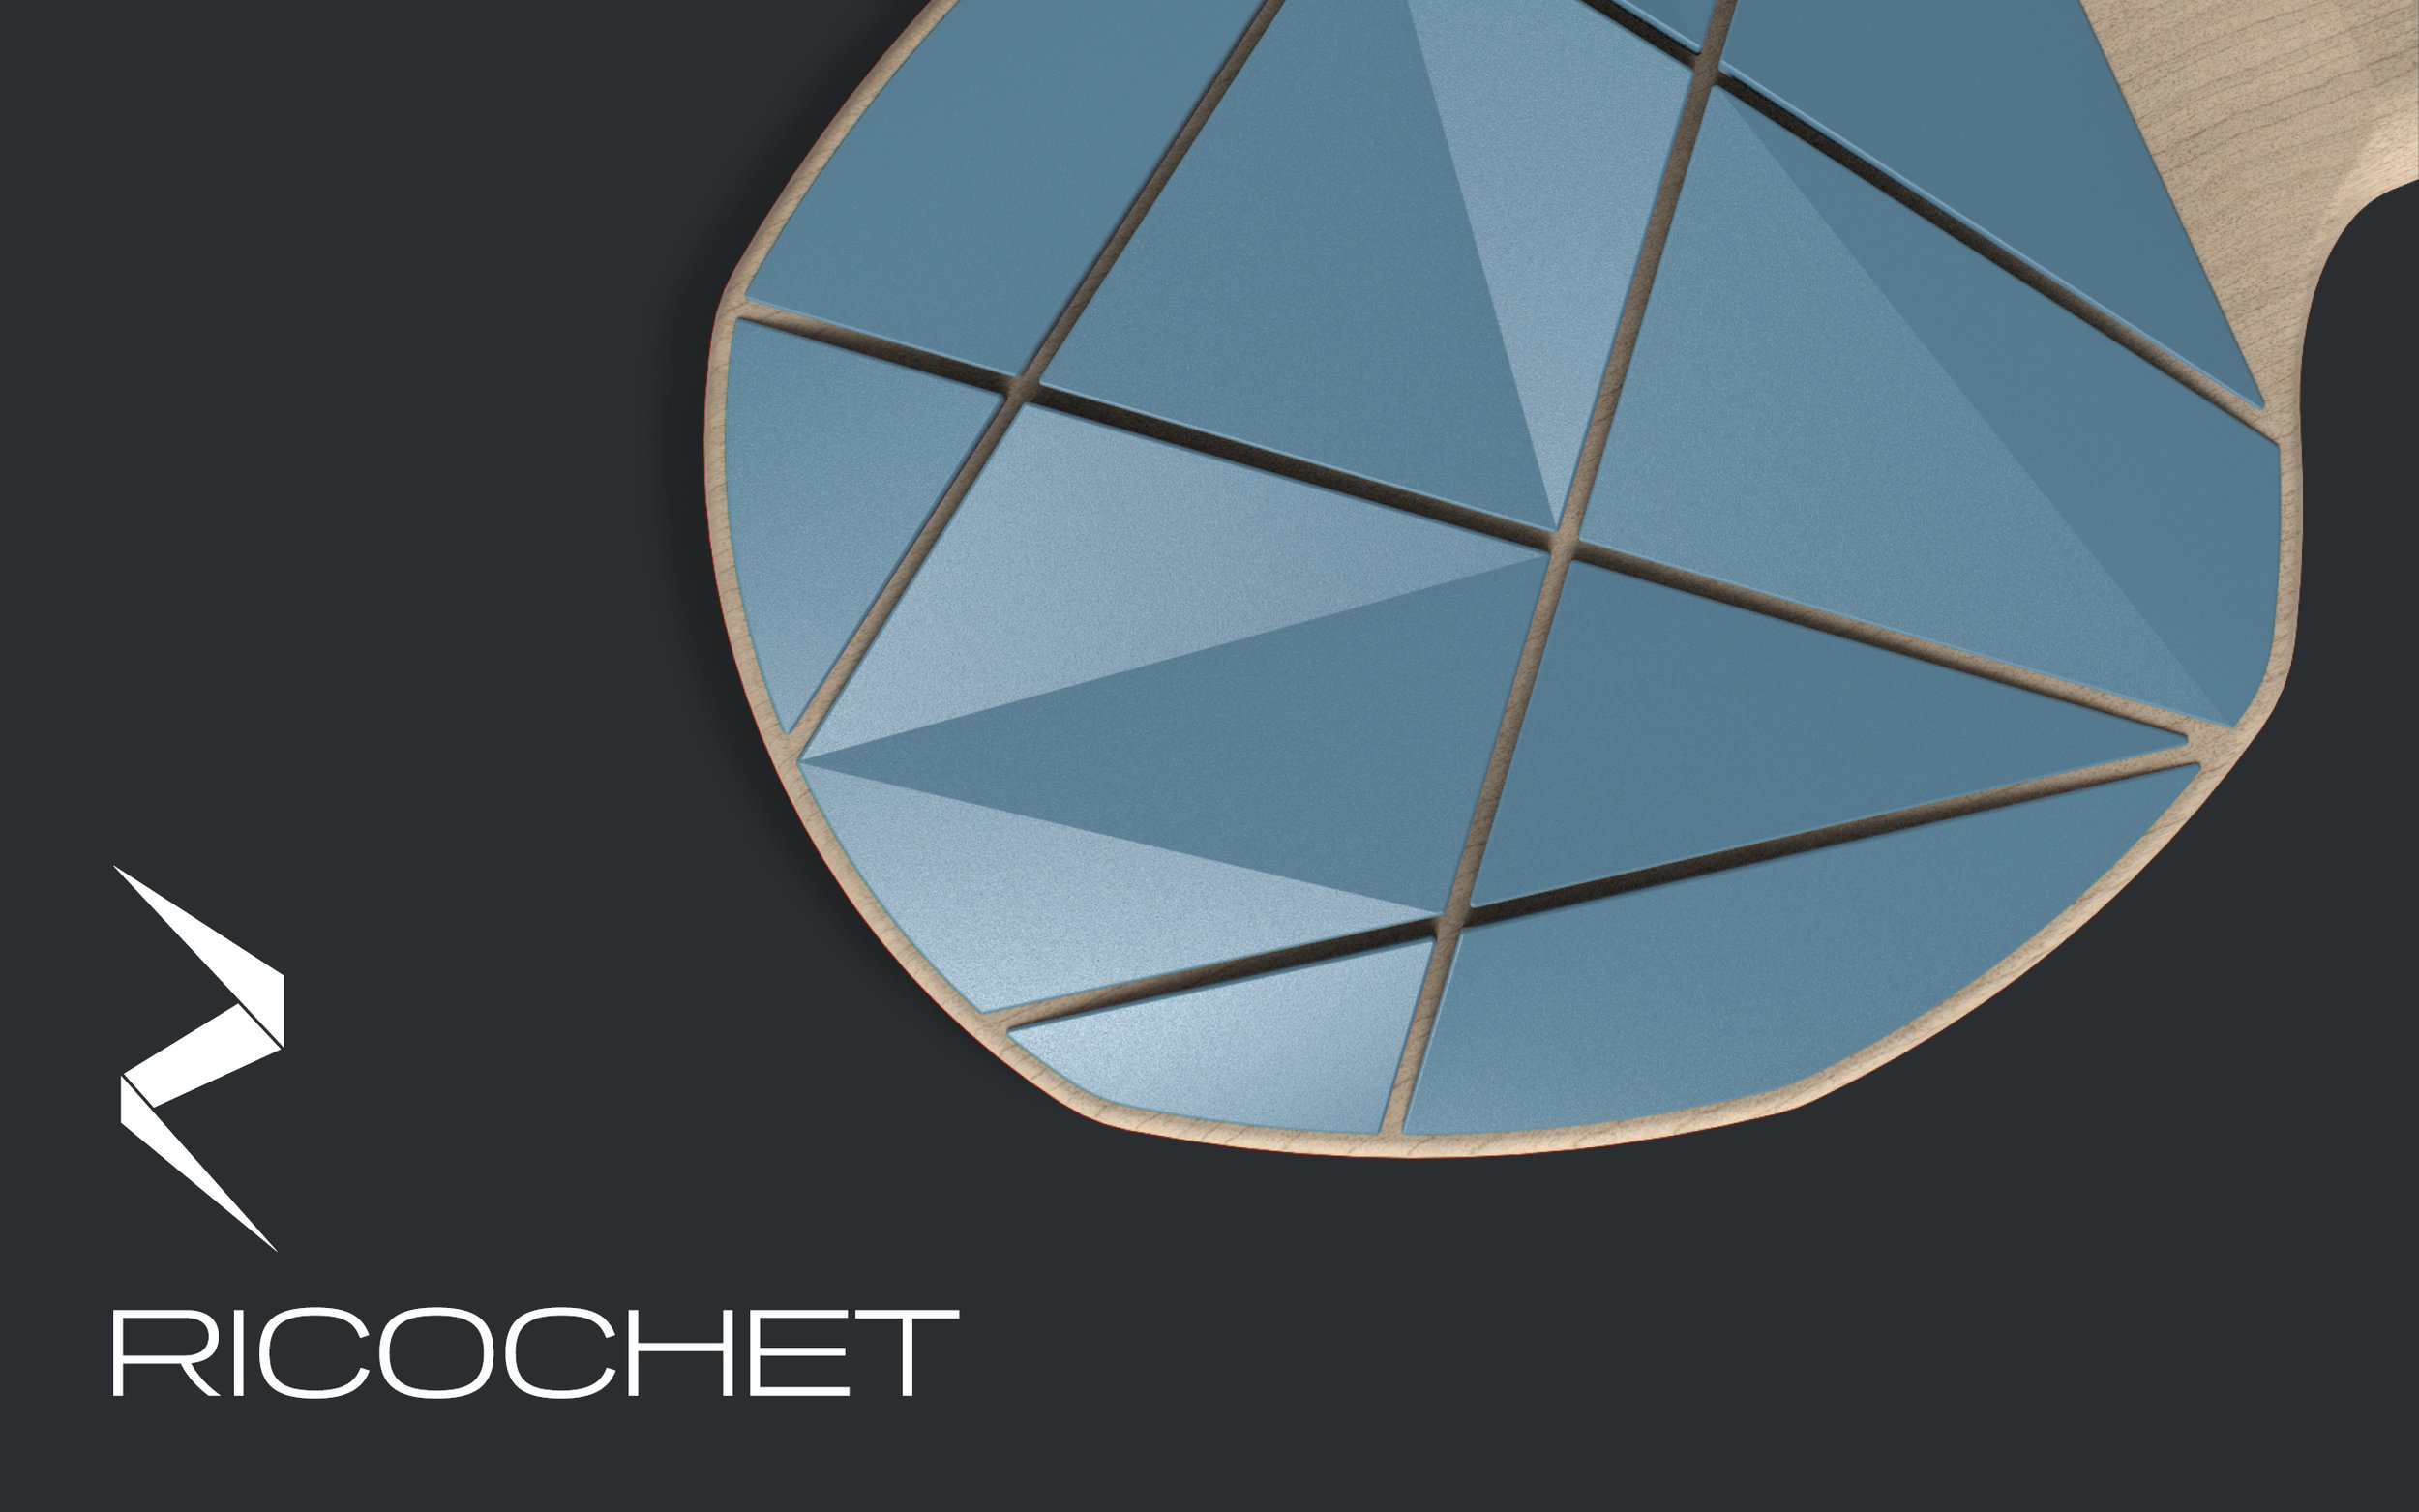 Ricochet_SlidesV3.jpg